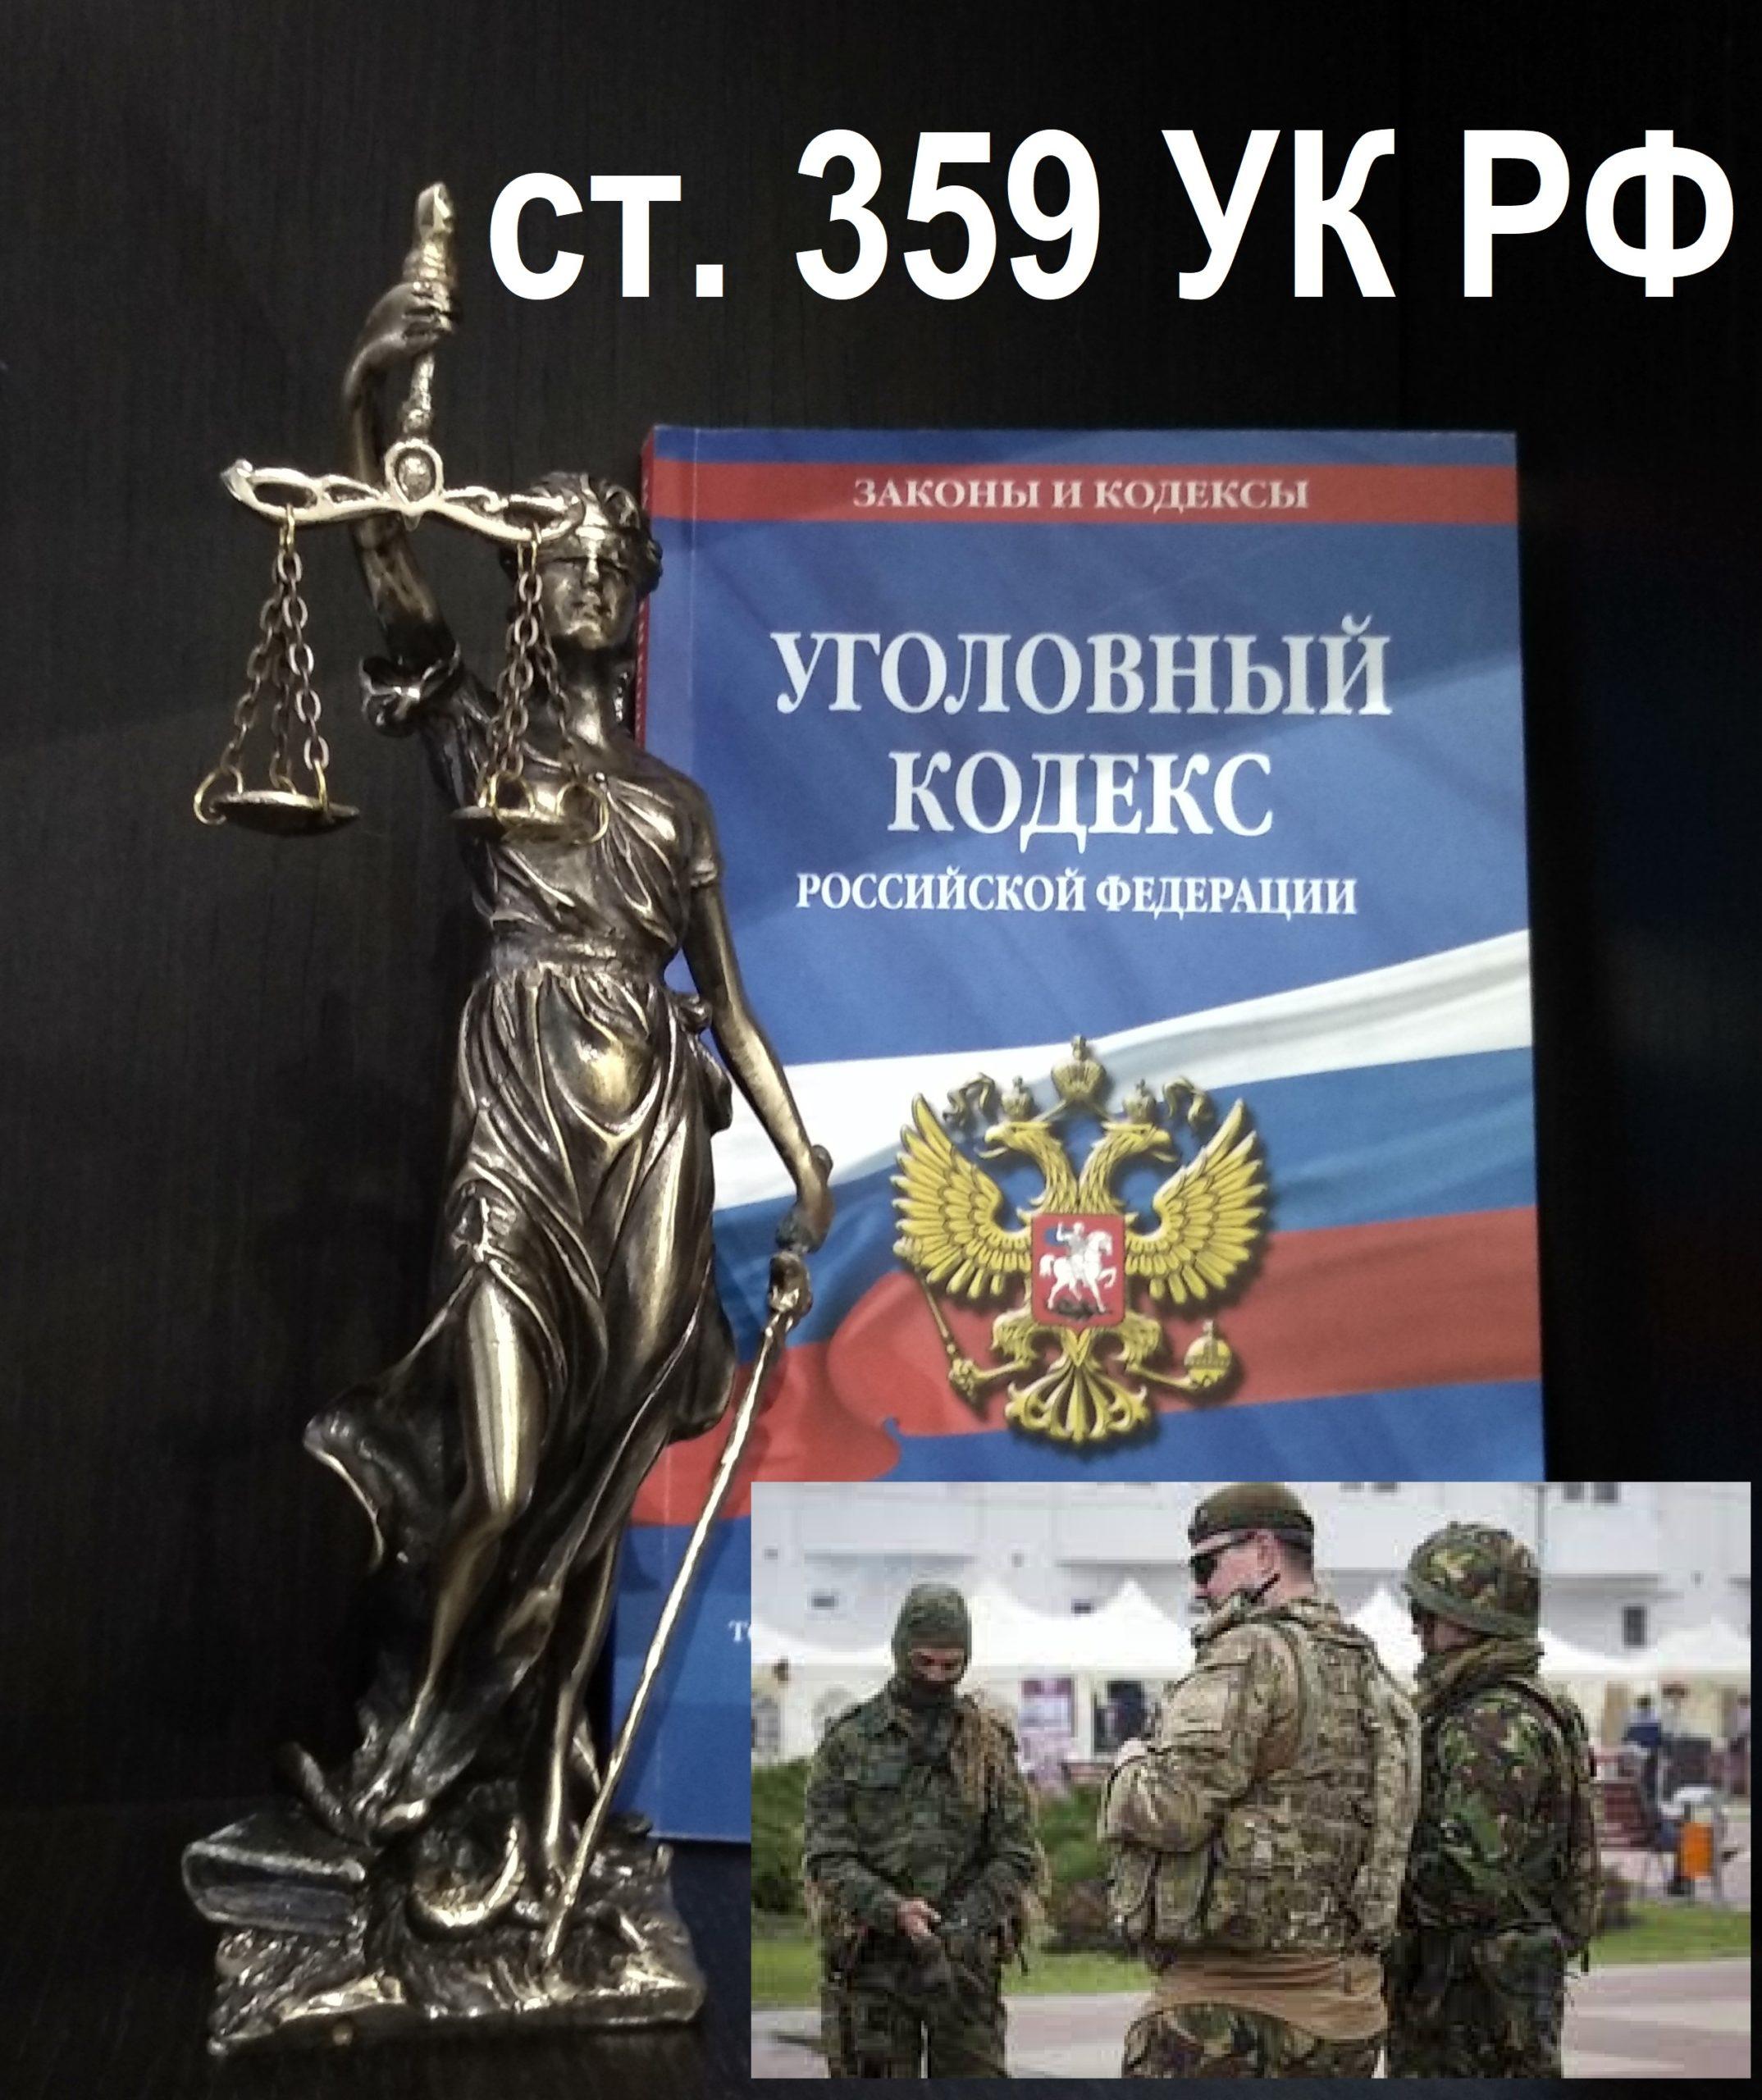 Адвокат по ст. 359 УК РФ Наемничество